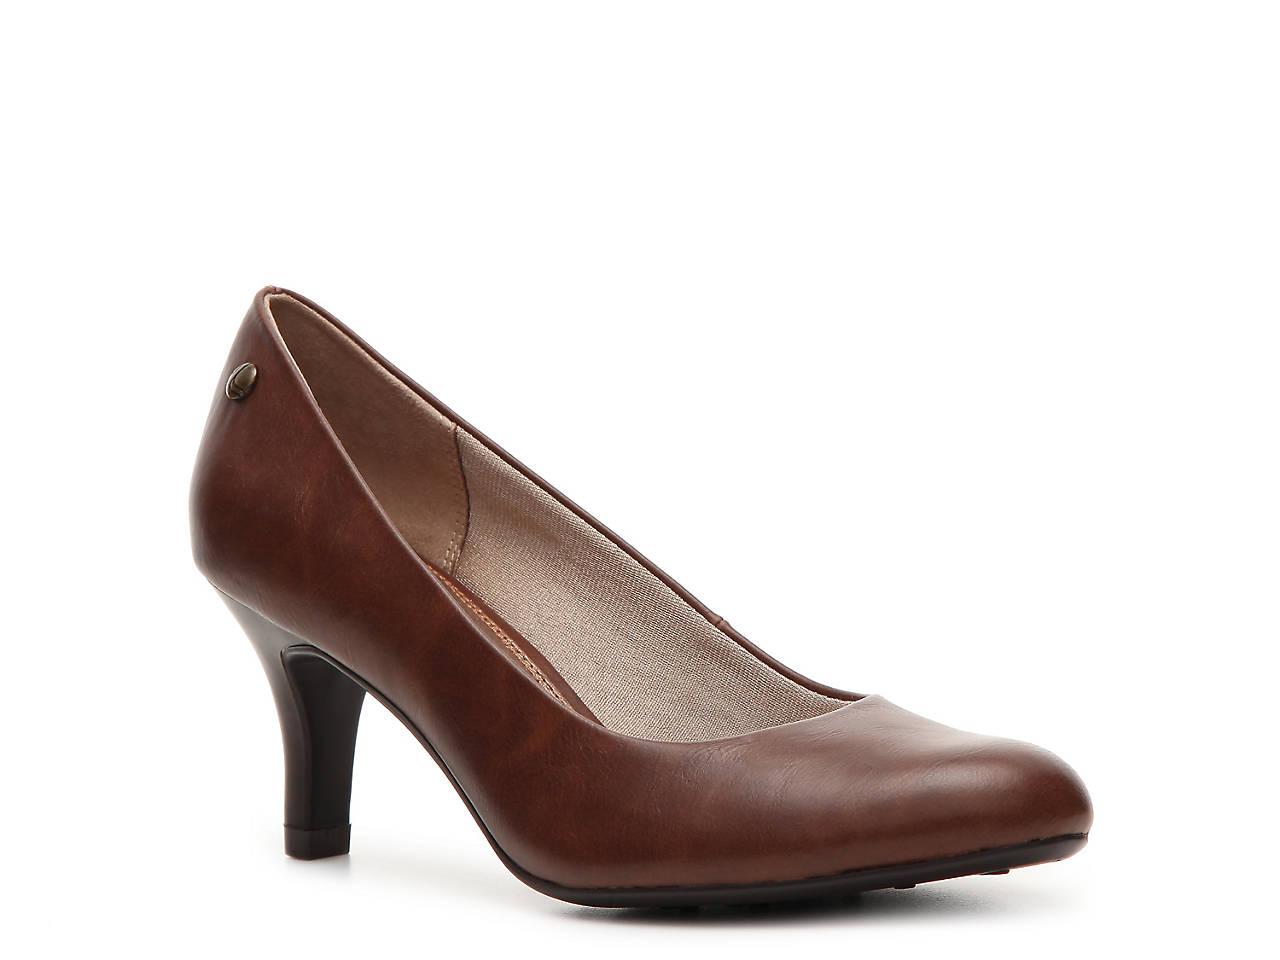 277fa0663d19 LifeStride Parigi Pump Women s Shoes